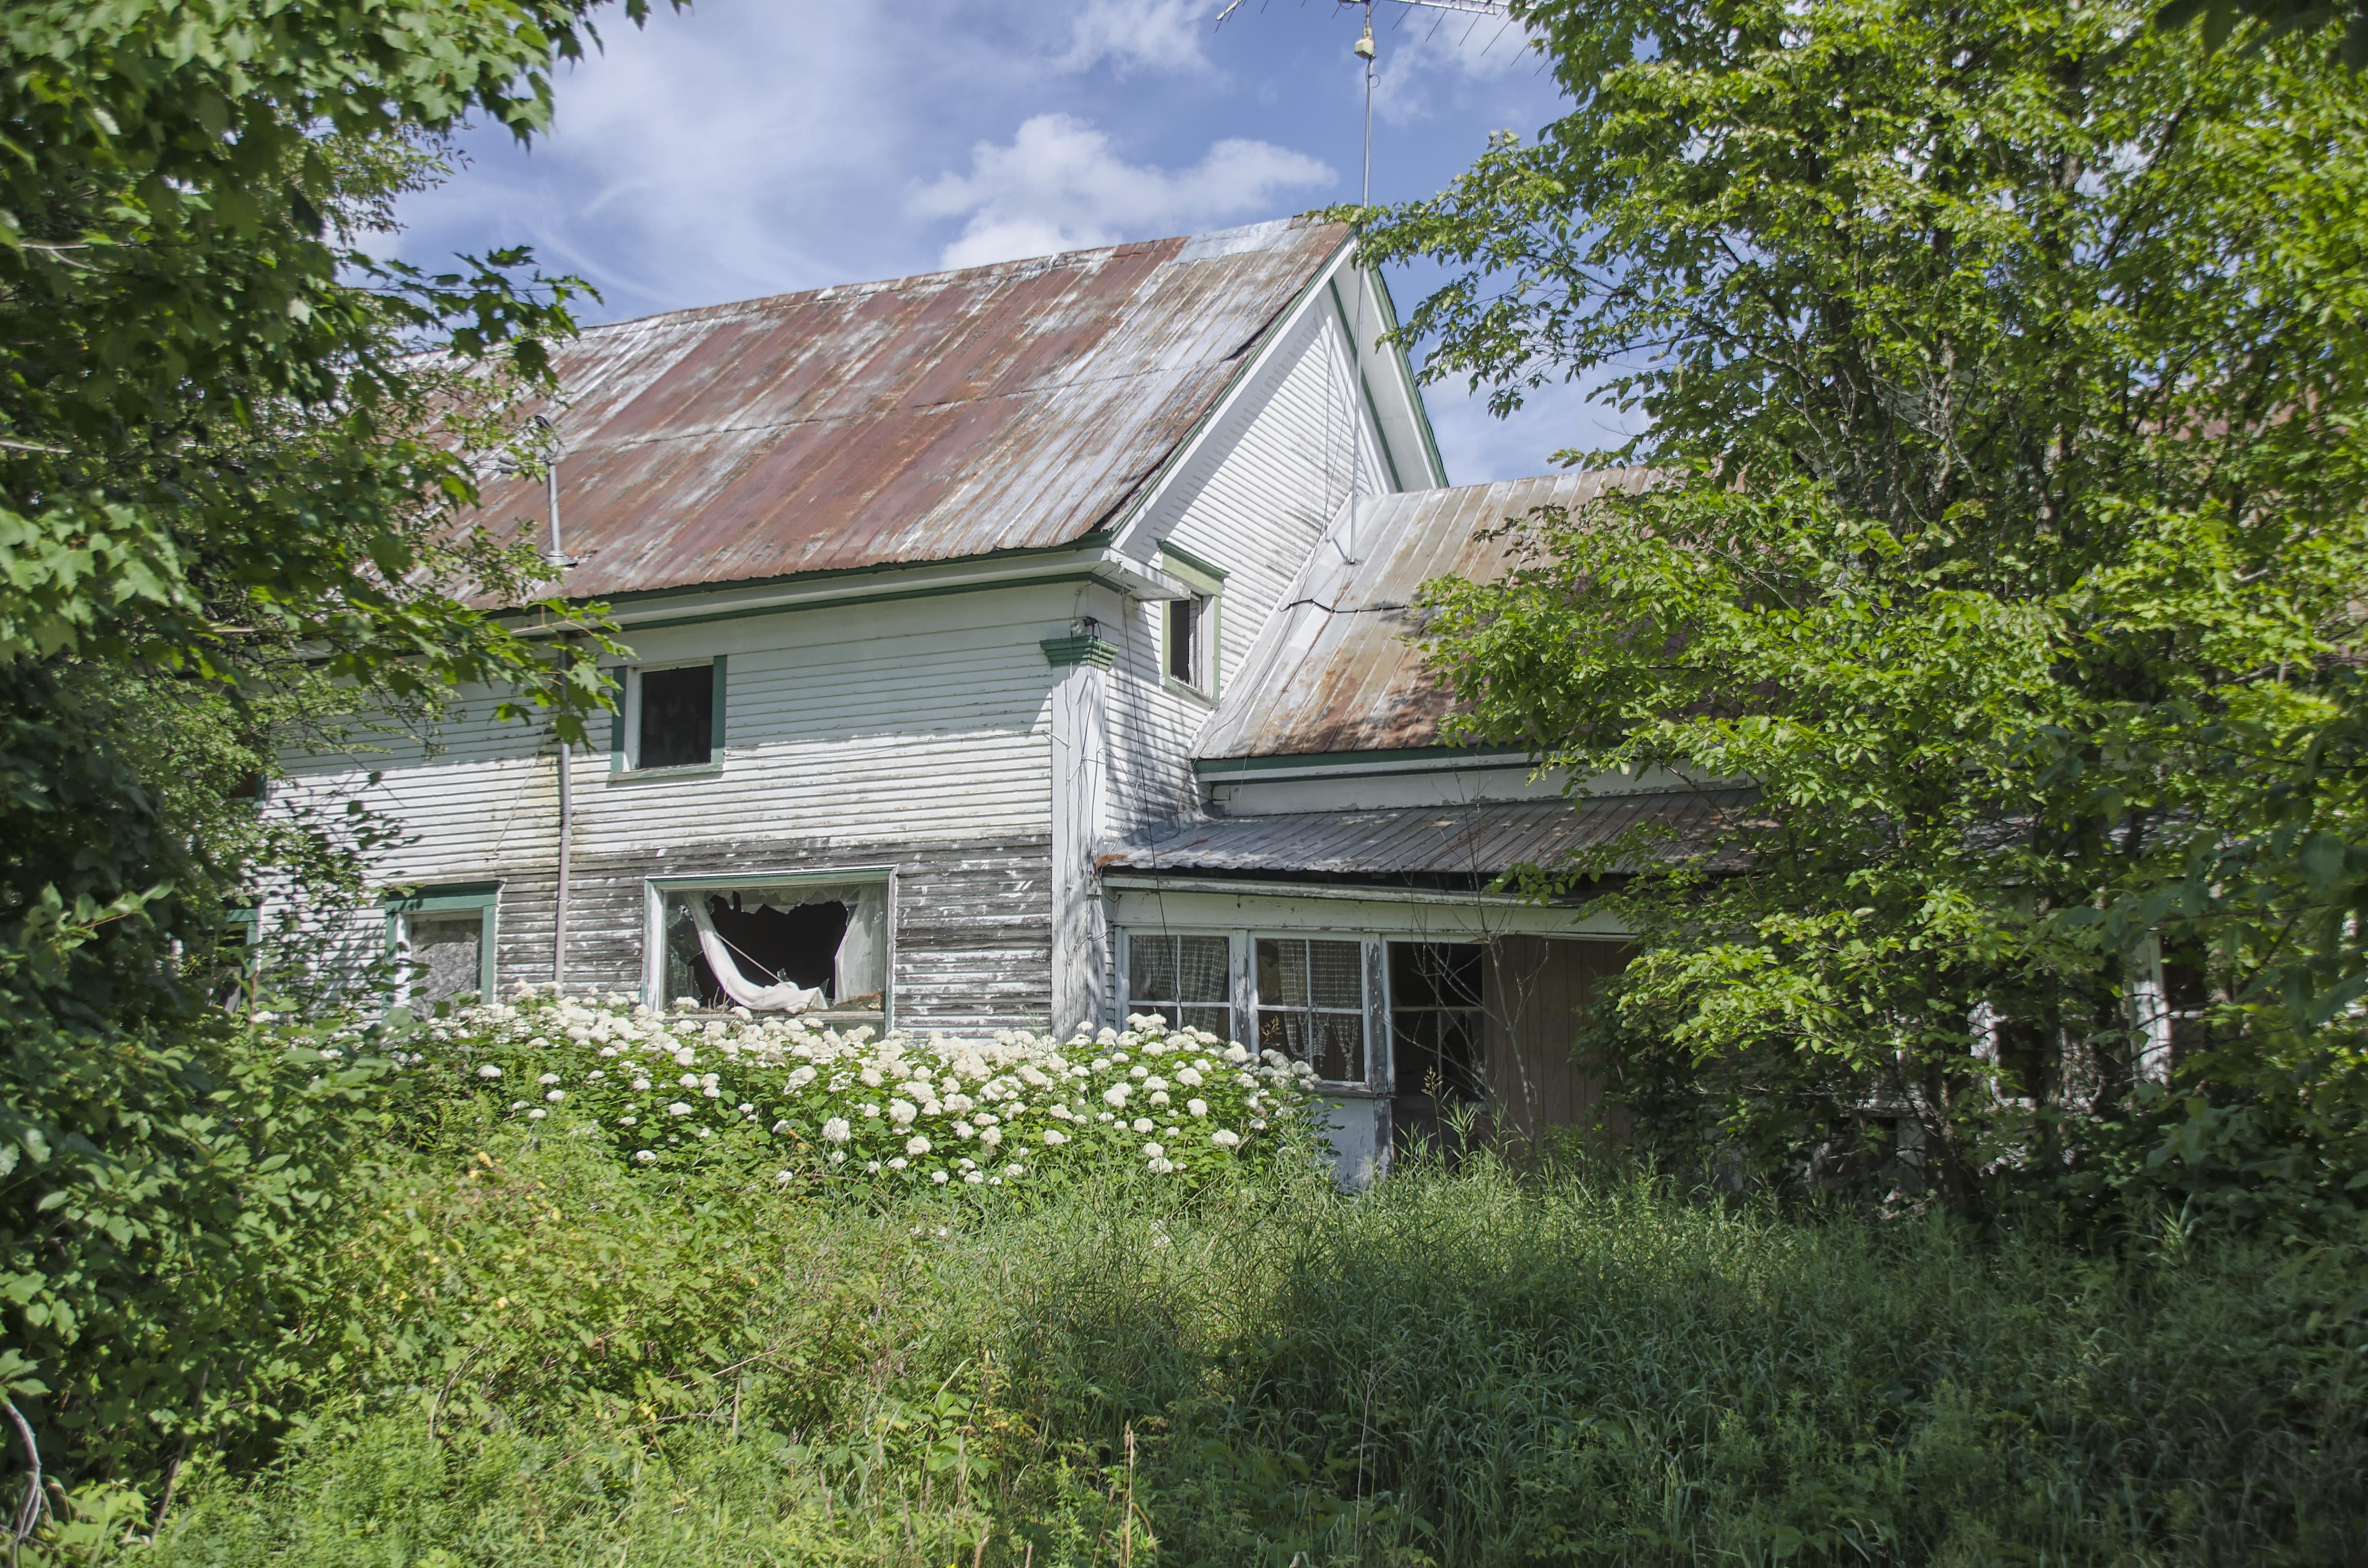 Images Gratuites : arbre, la nature, ferme, maison, toit, bâtiment ...